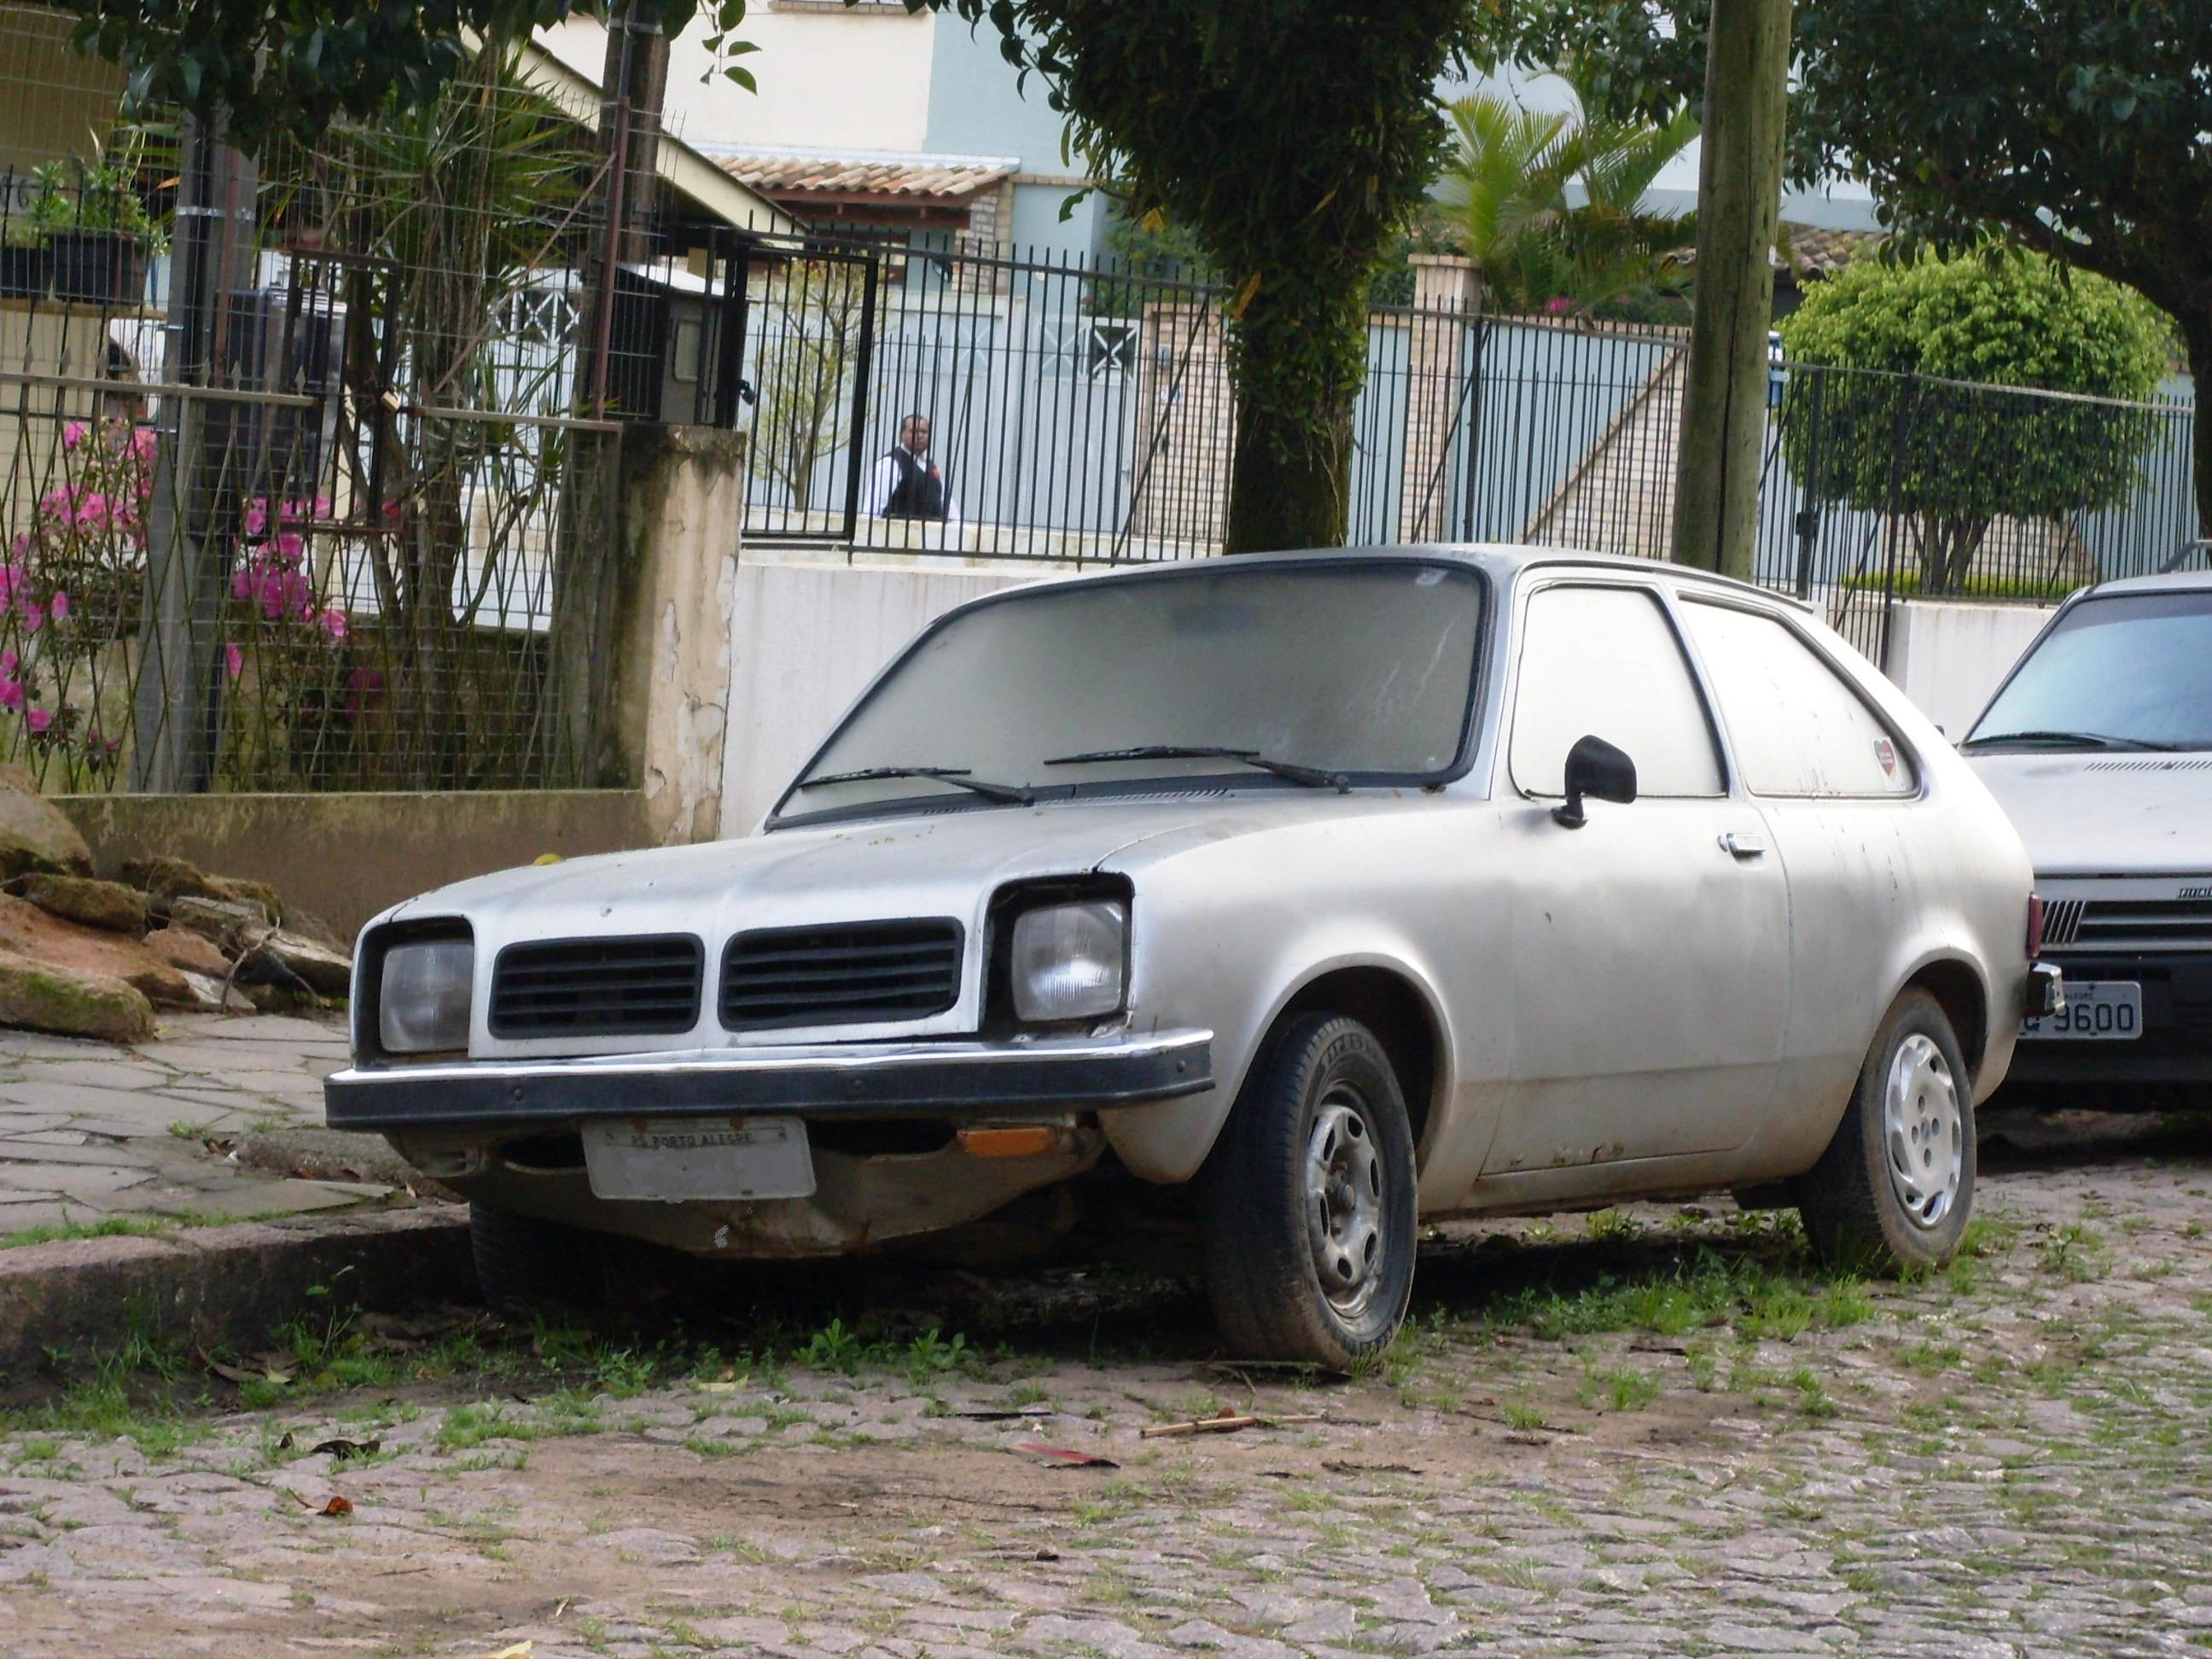 sdc10106-b Chevrolet Chevette